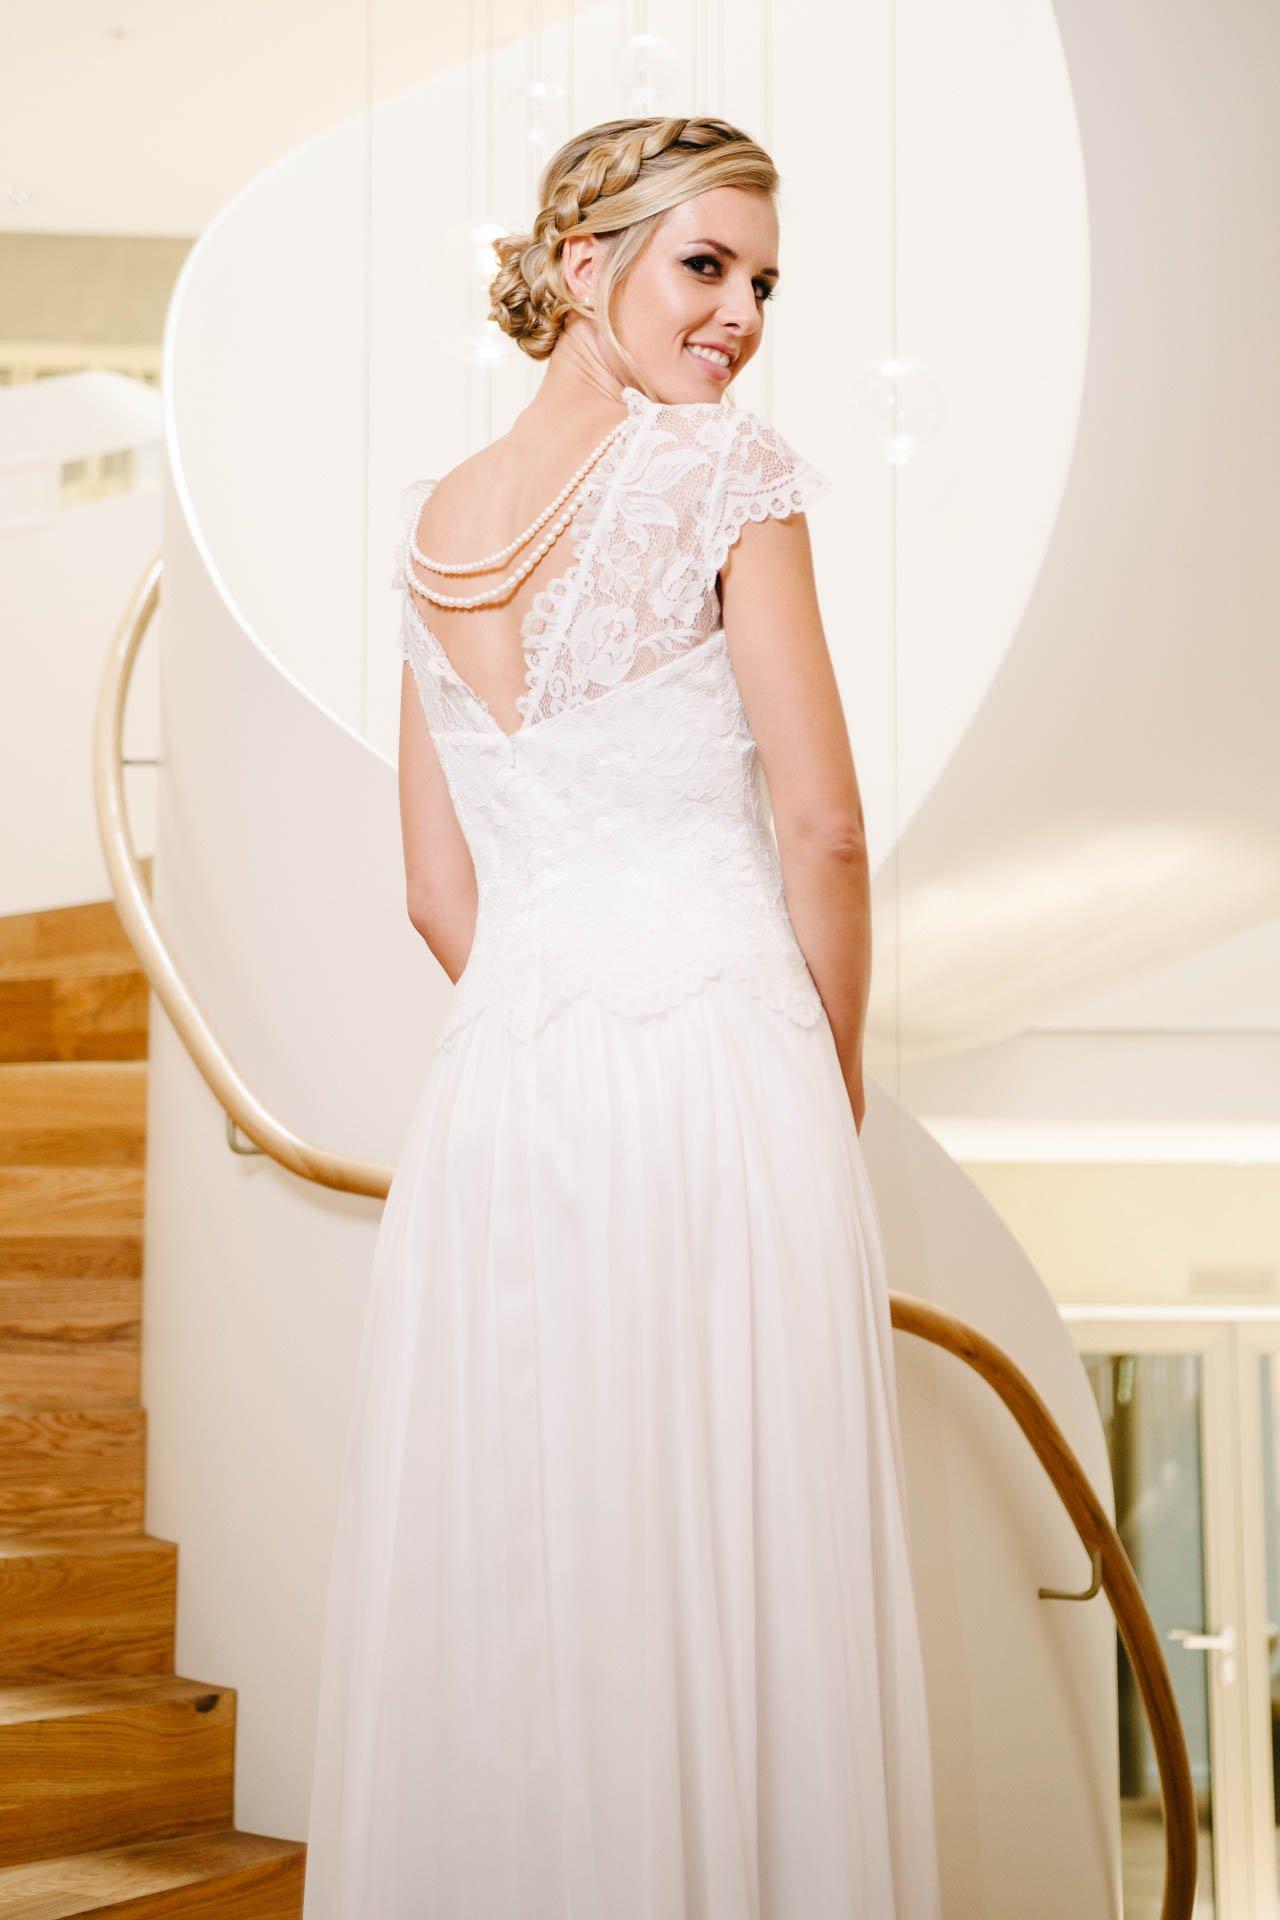 Vintage Hochzeitskleid mit tiefem Rückenausschnitt